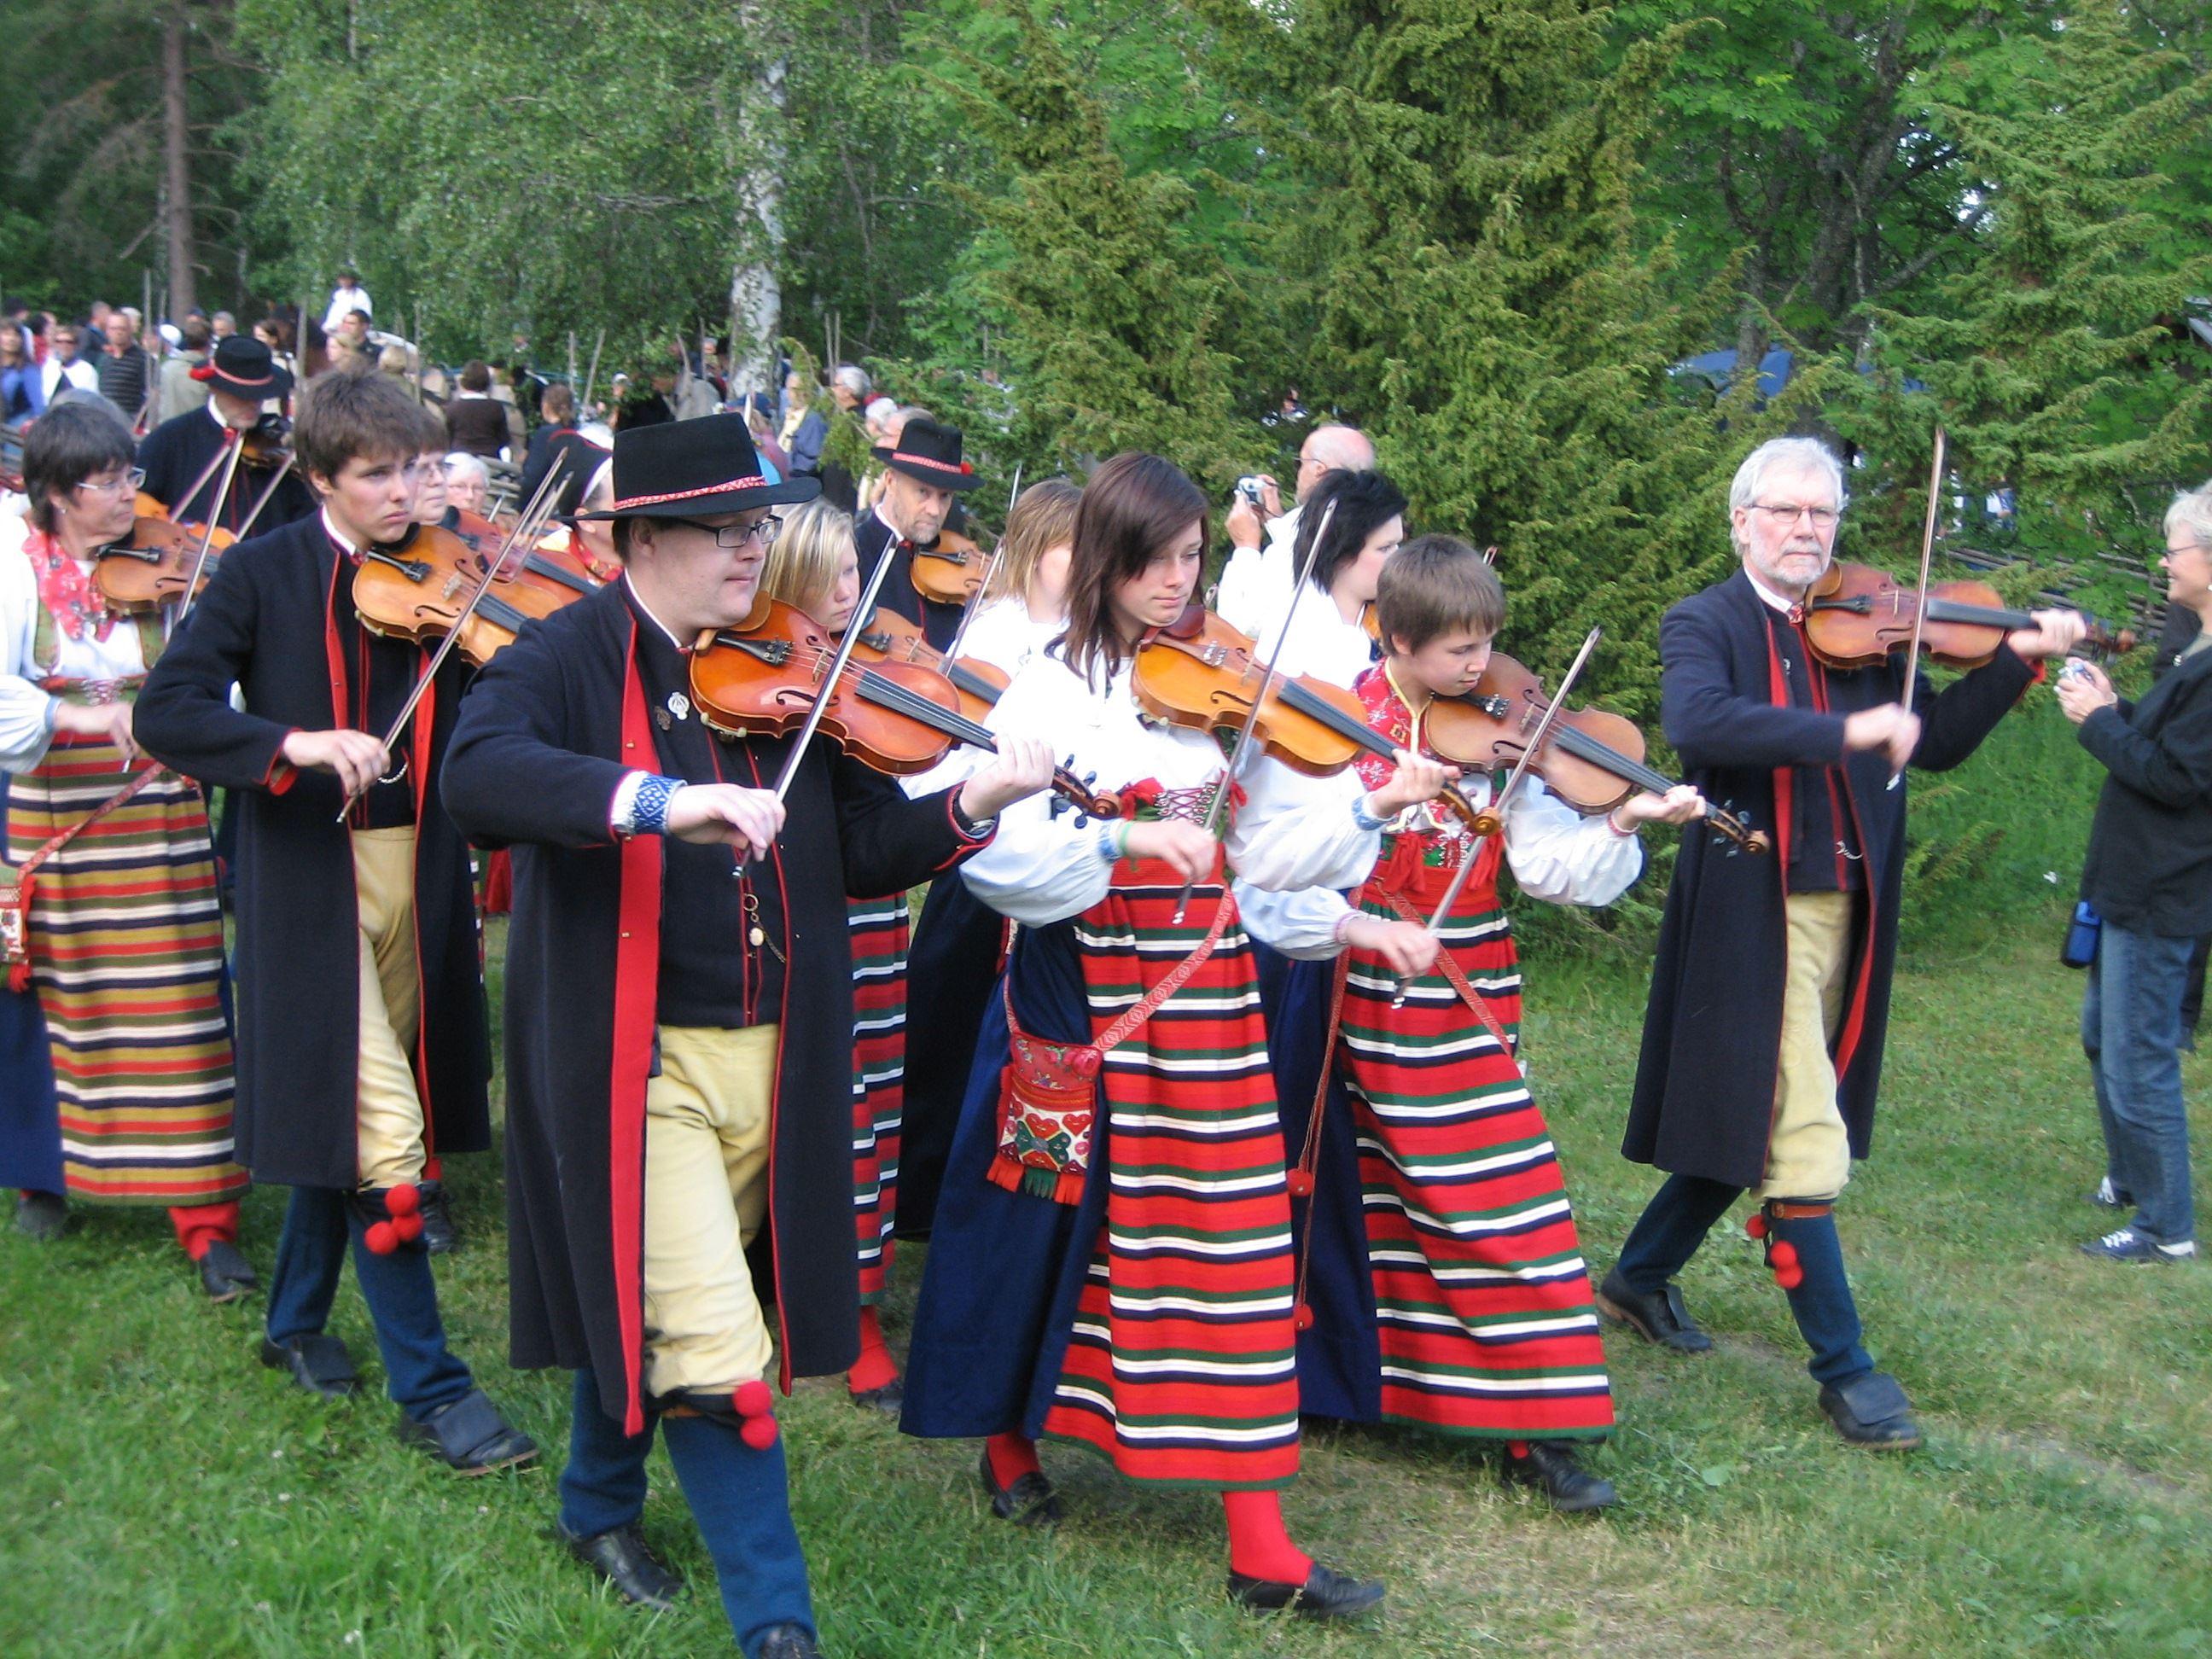 Midsummer Celebration, Rättviks Gammelgård